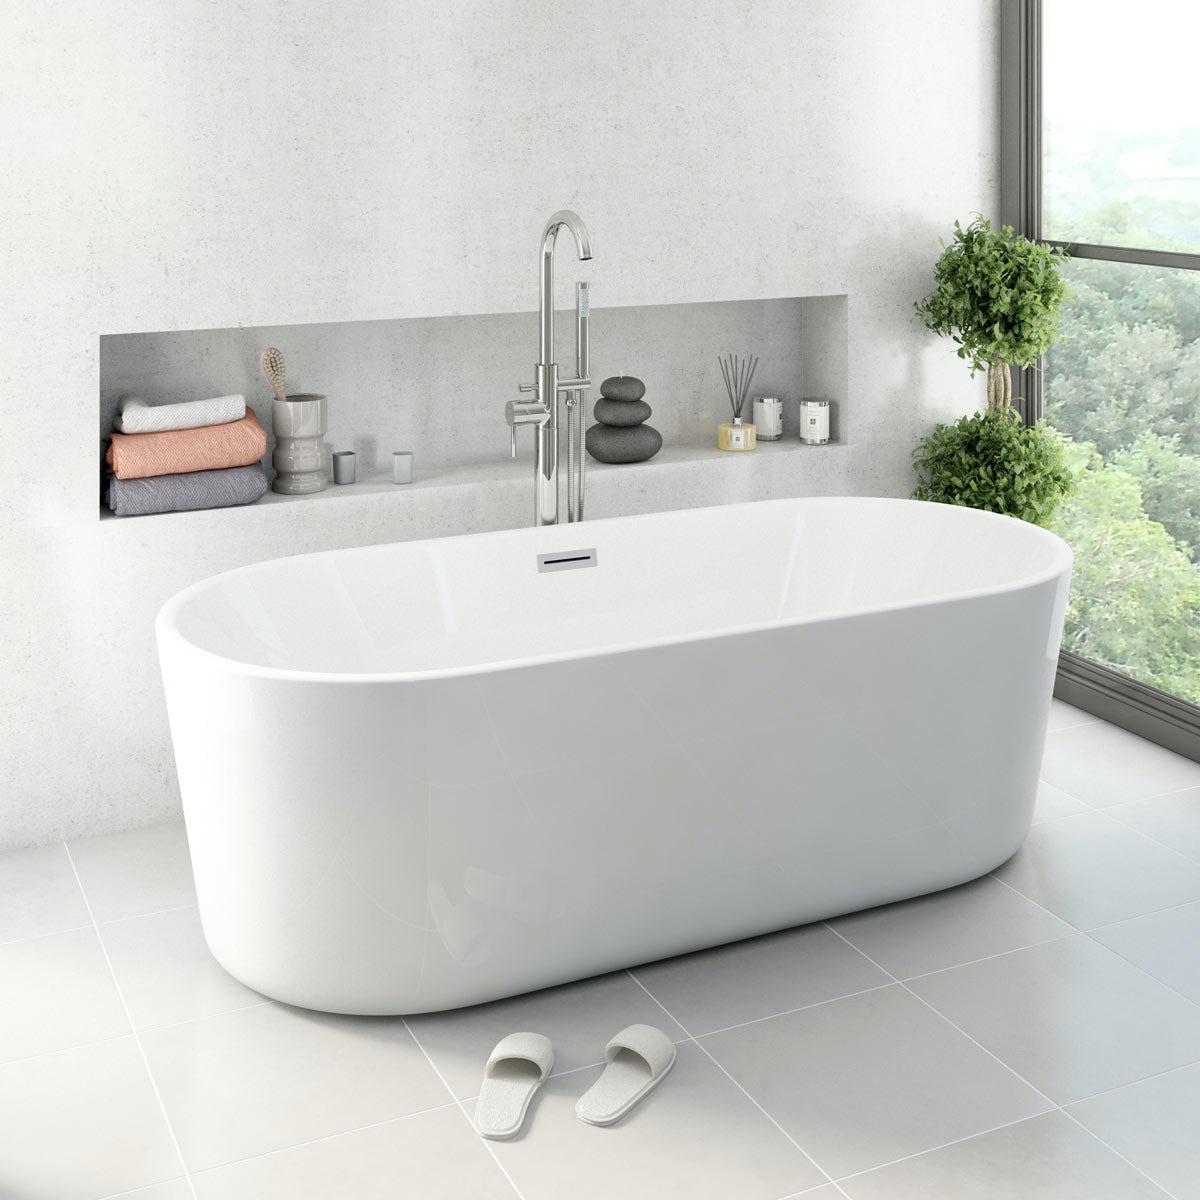 bath body works usa - Ceri.comunicaasl.com